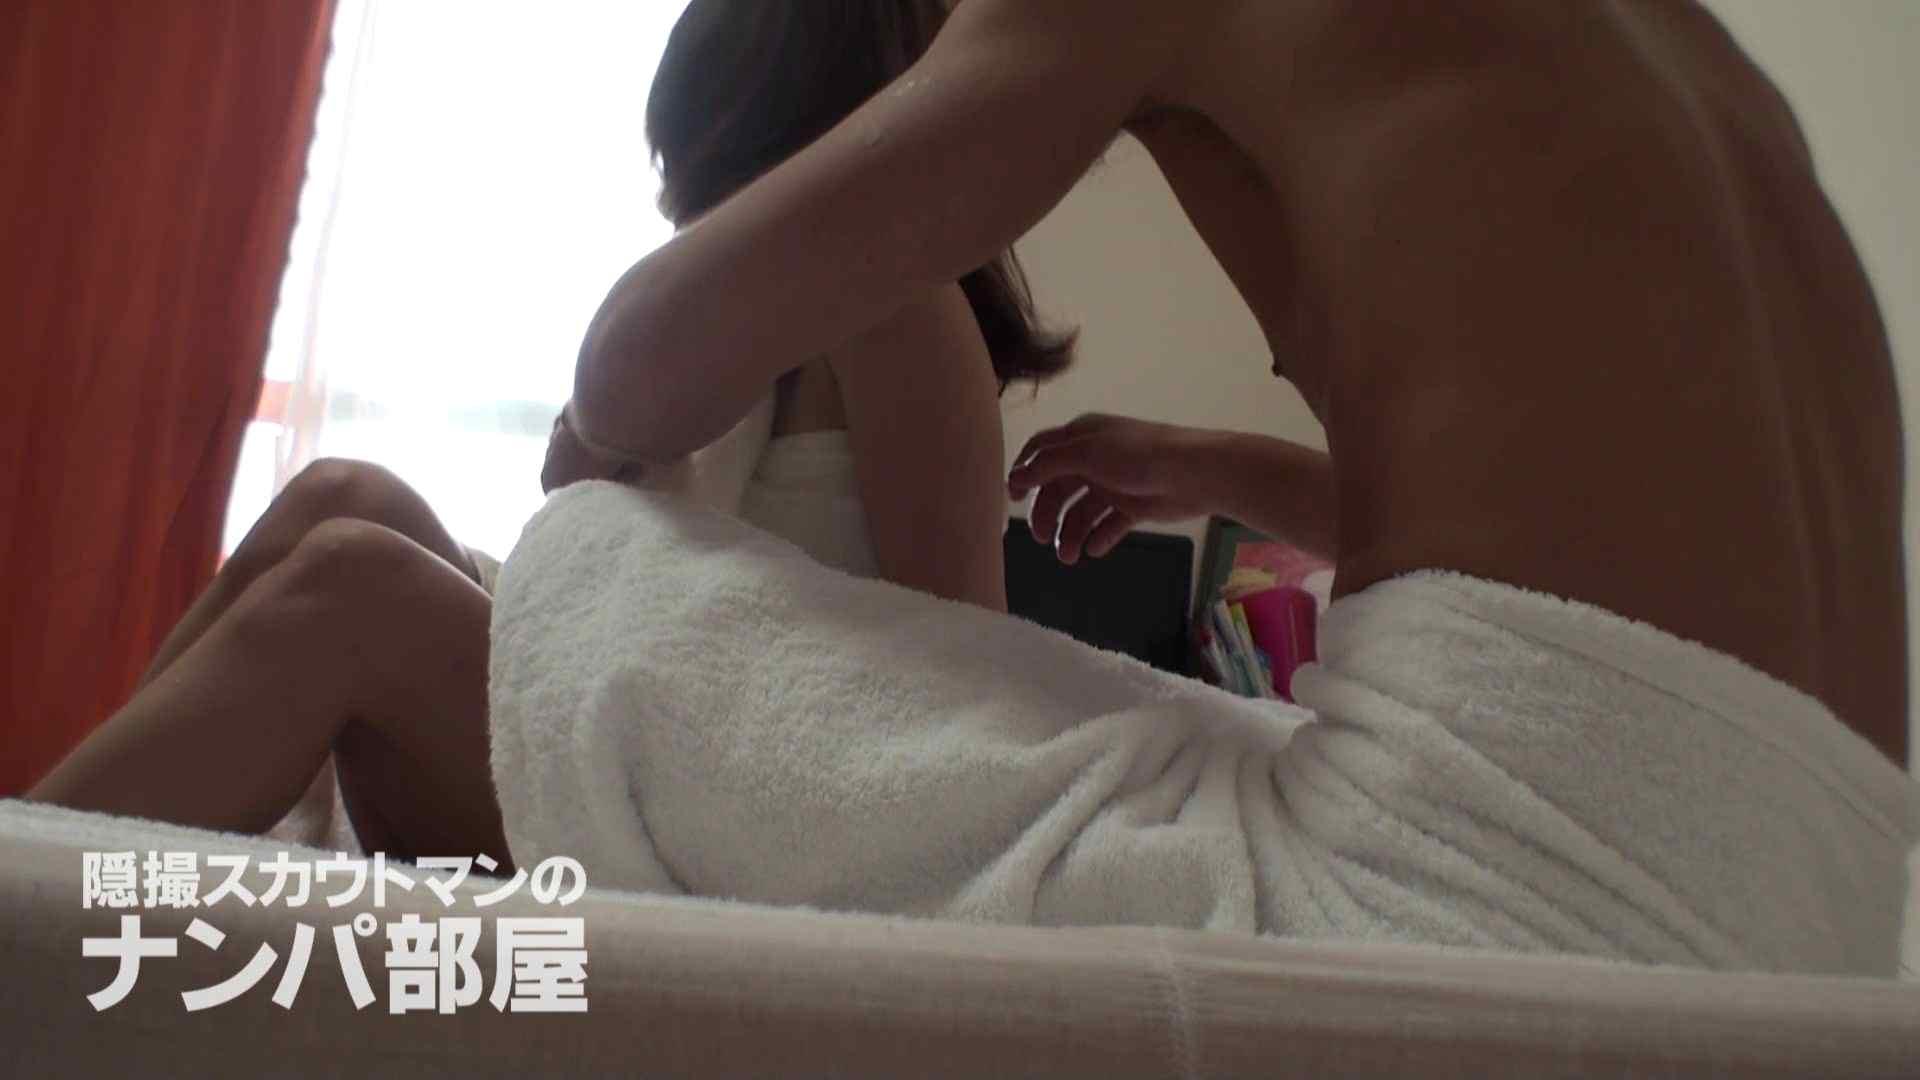 隠撮スカウトマンのナンパ部屋~風俗デビュー前のつまみ食い~ sii 隠撮   脱衣所  67pic 39